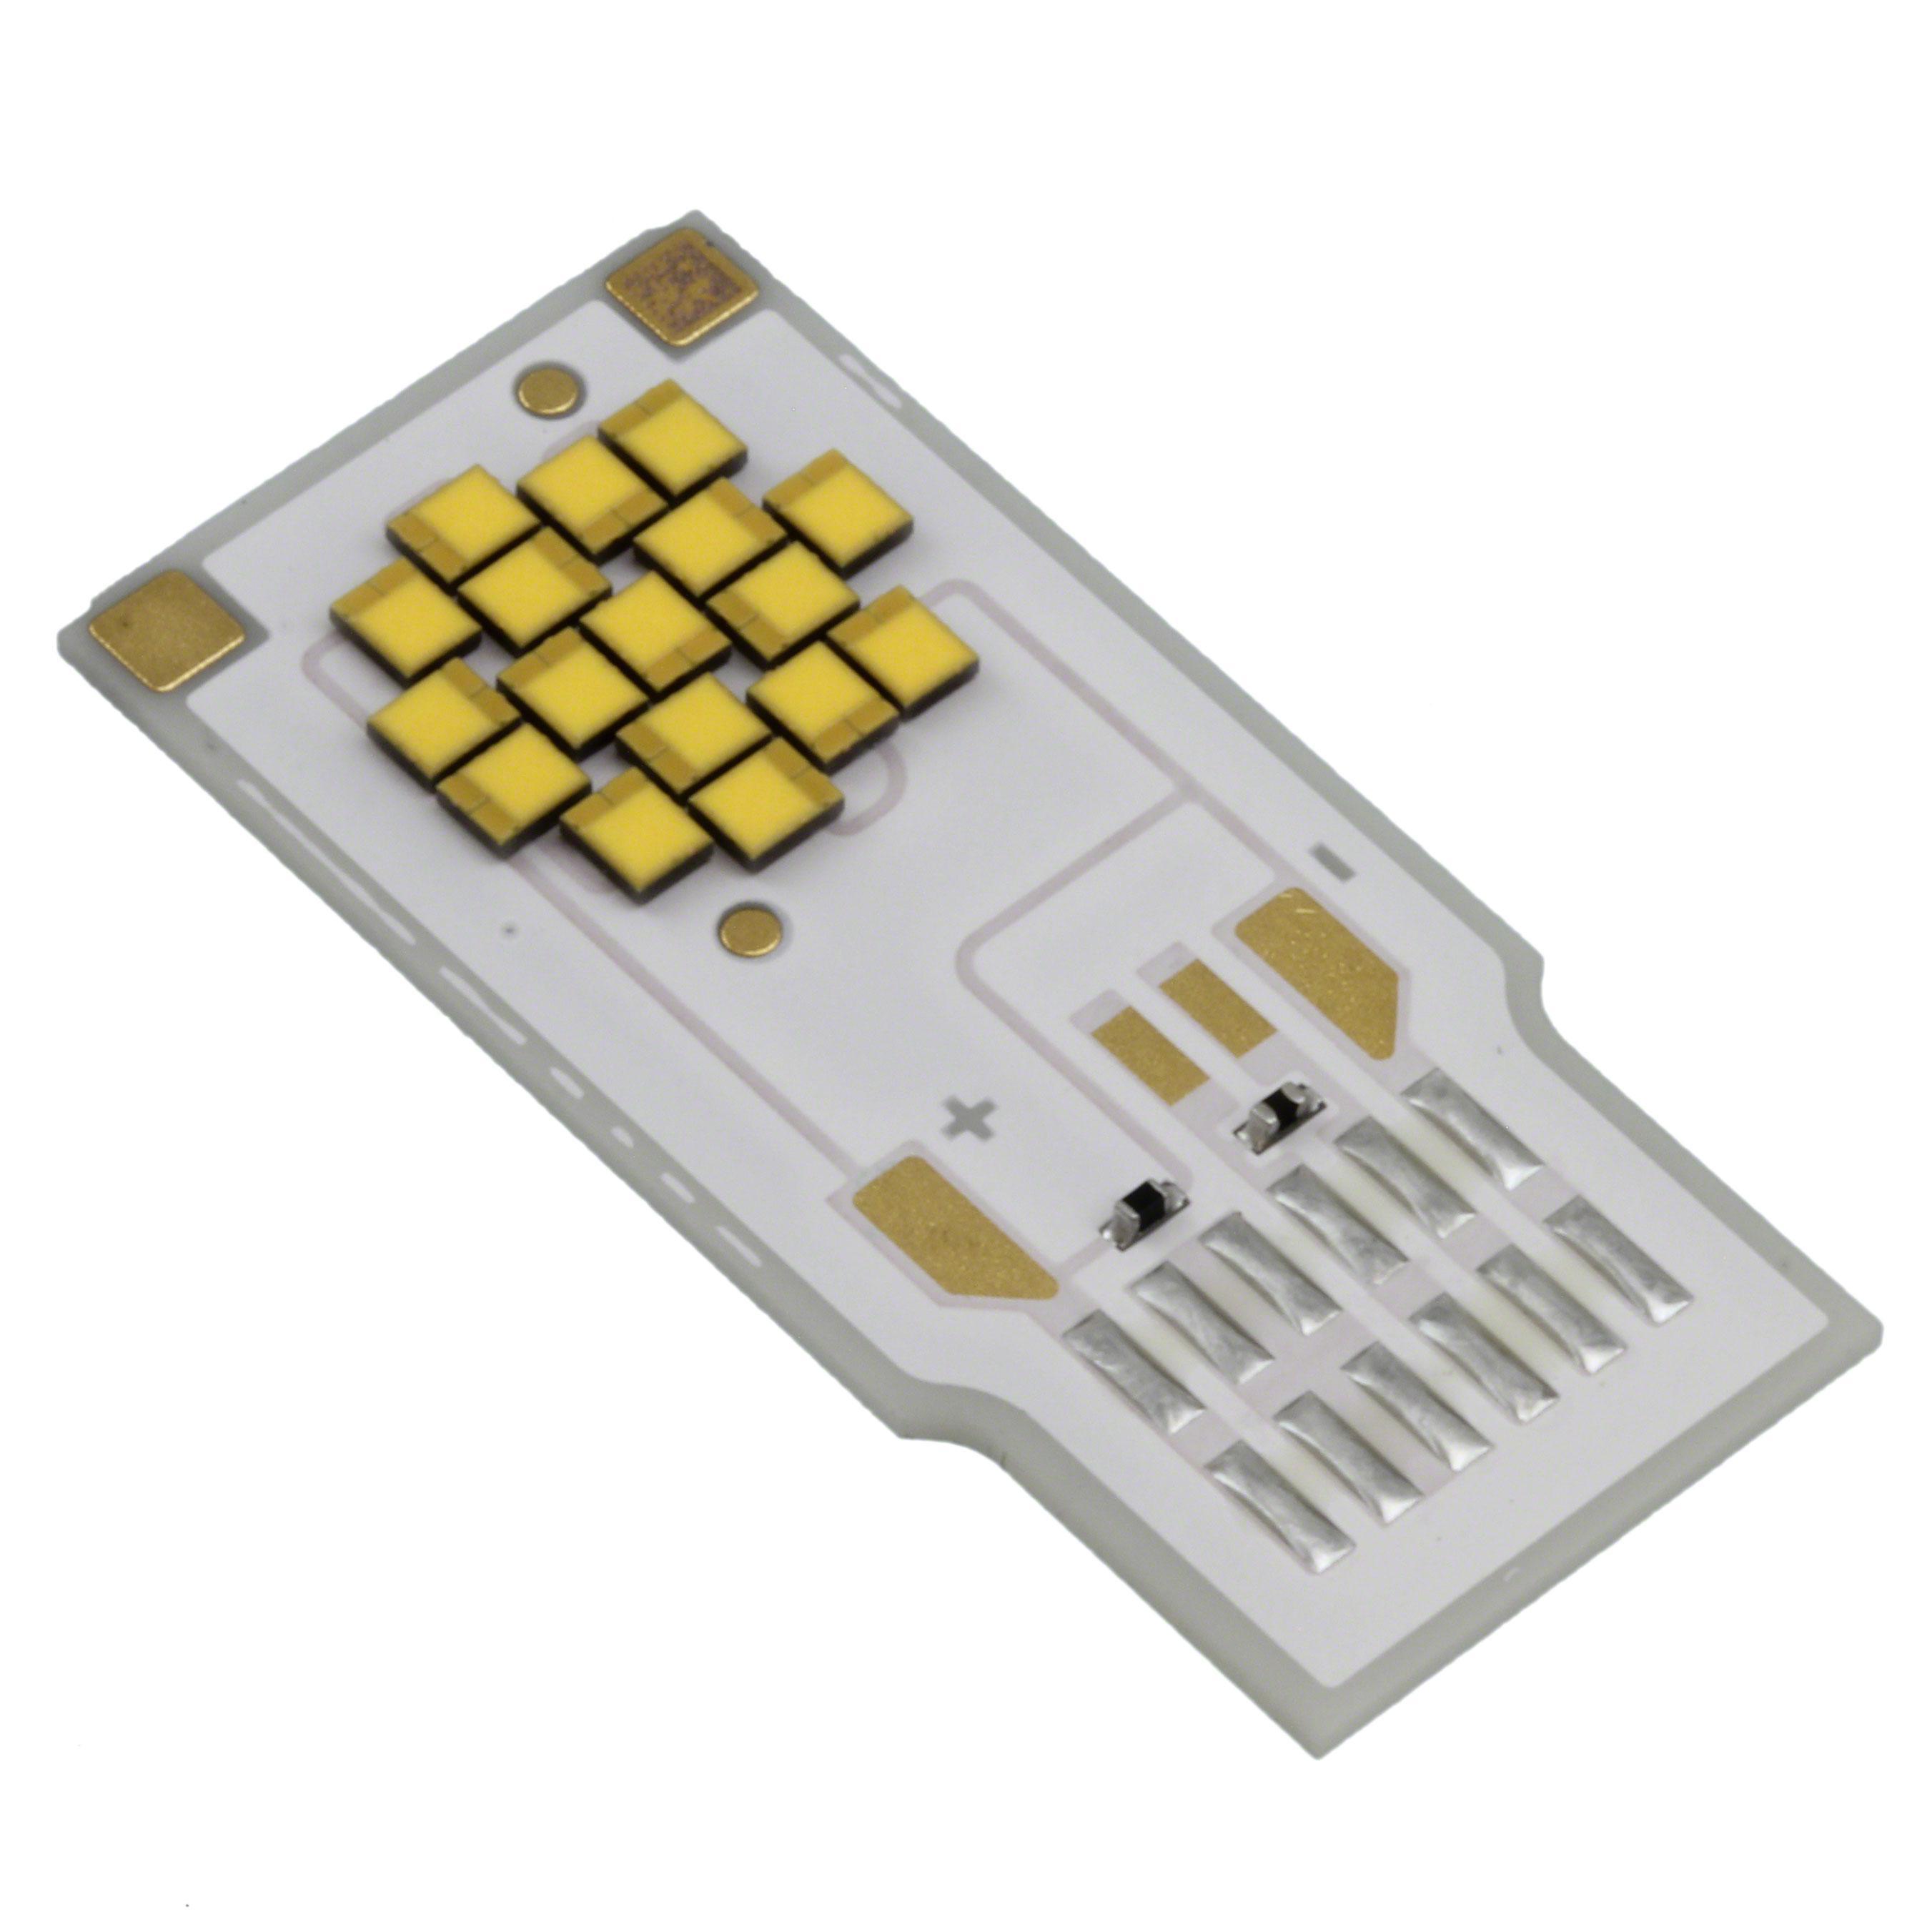 LXS8-PW50-0017